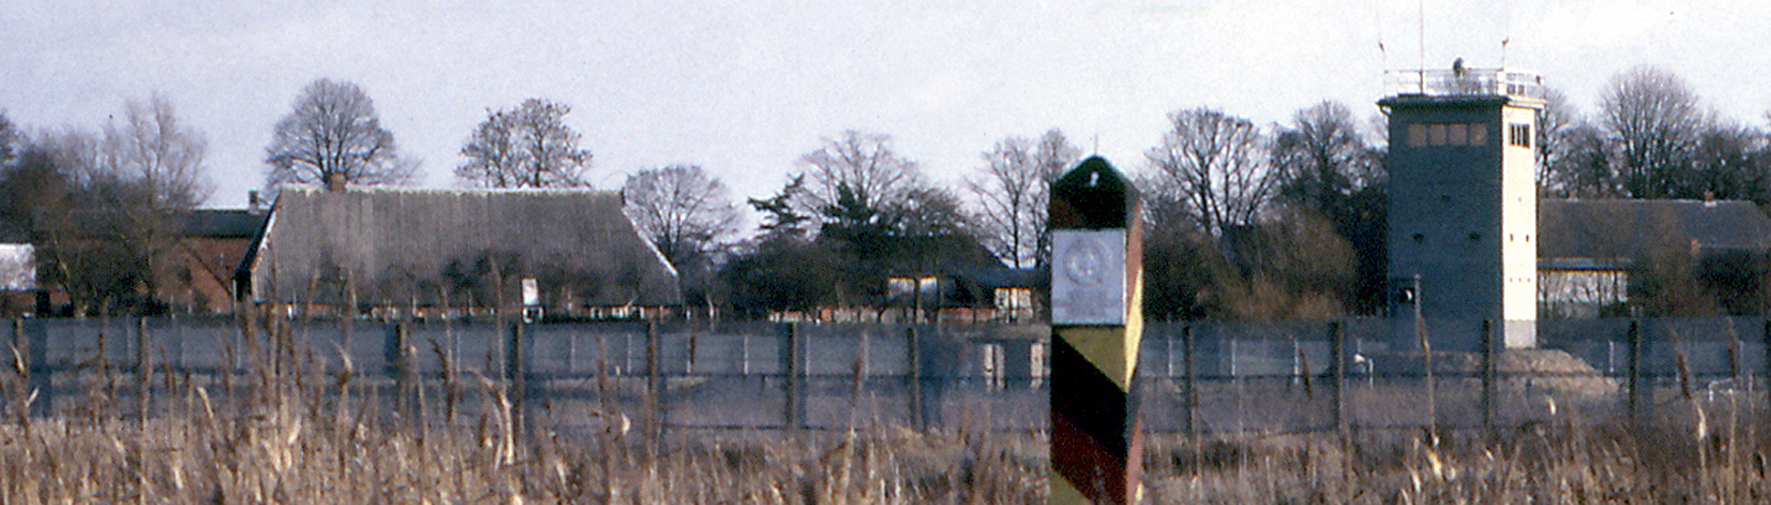 Ddr Grenze Lübeck